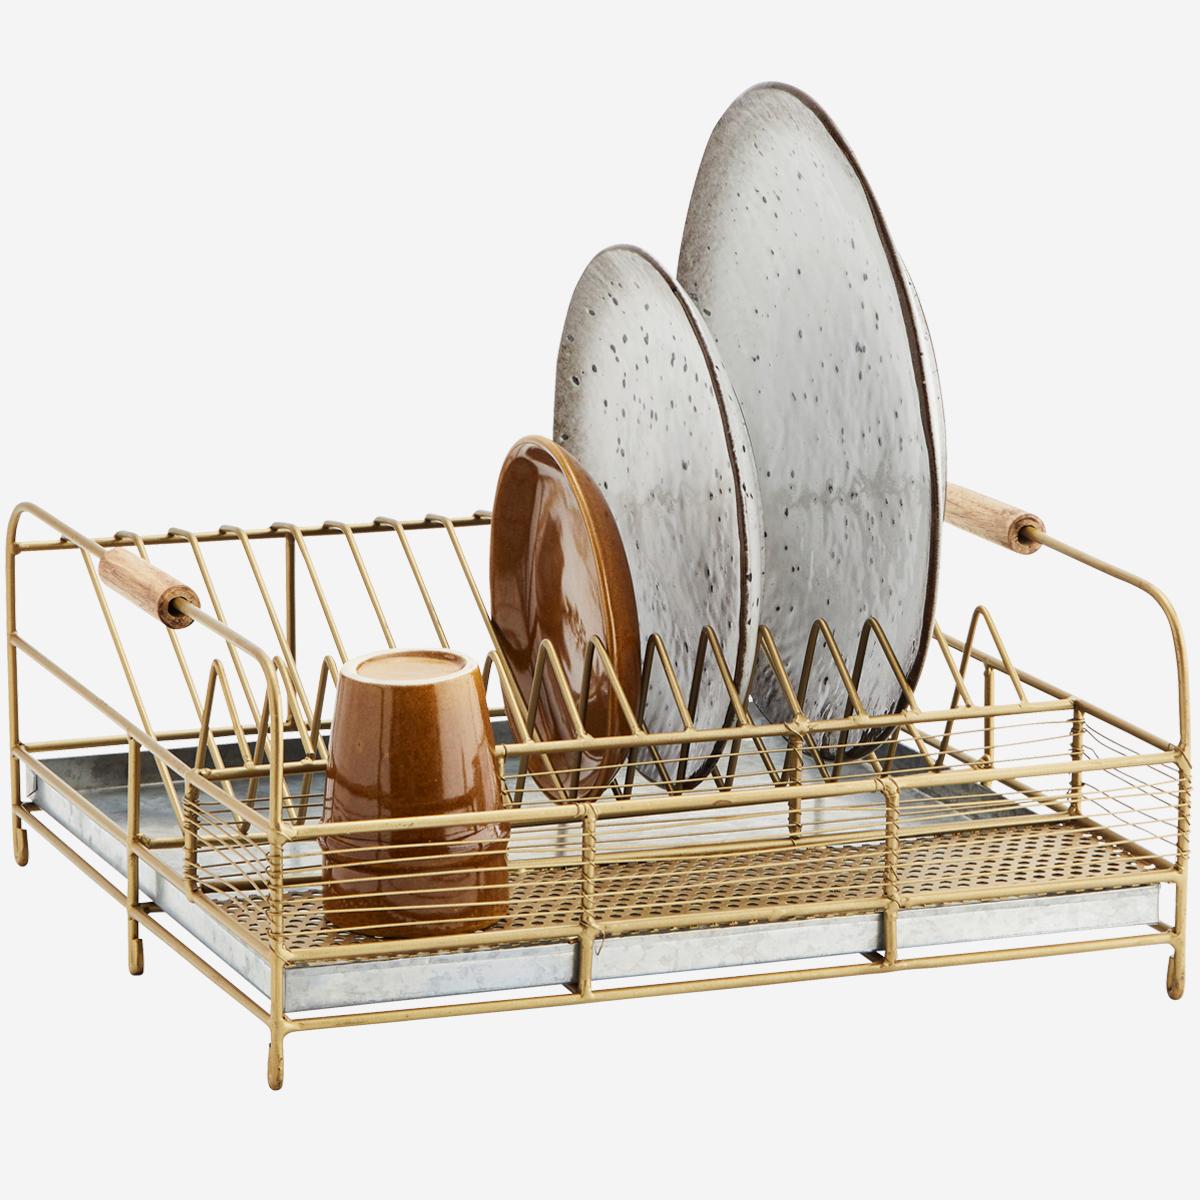 Egouttoir à vaisselle métal doré, zinc et poignée bambou * Madam Stoltz